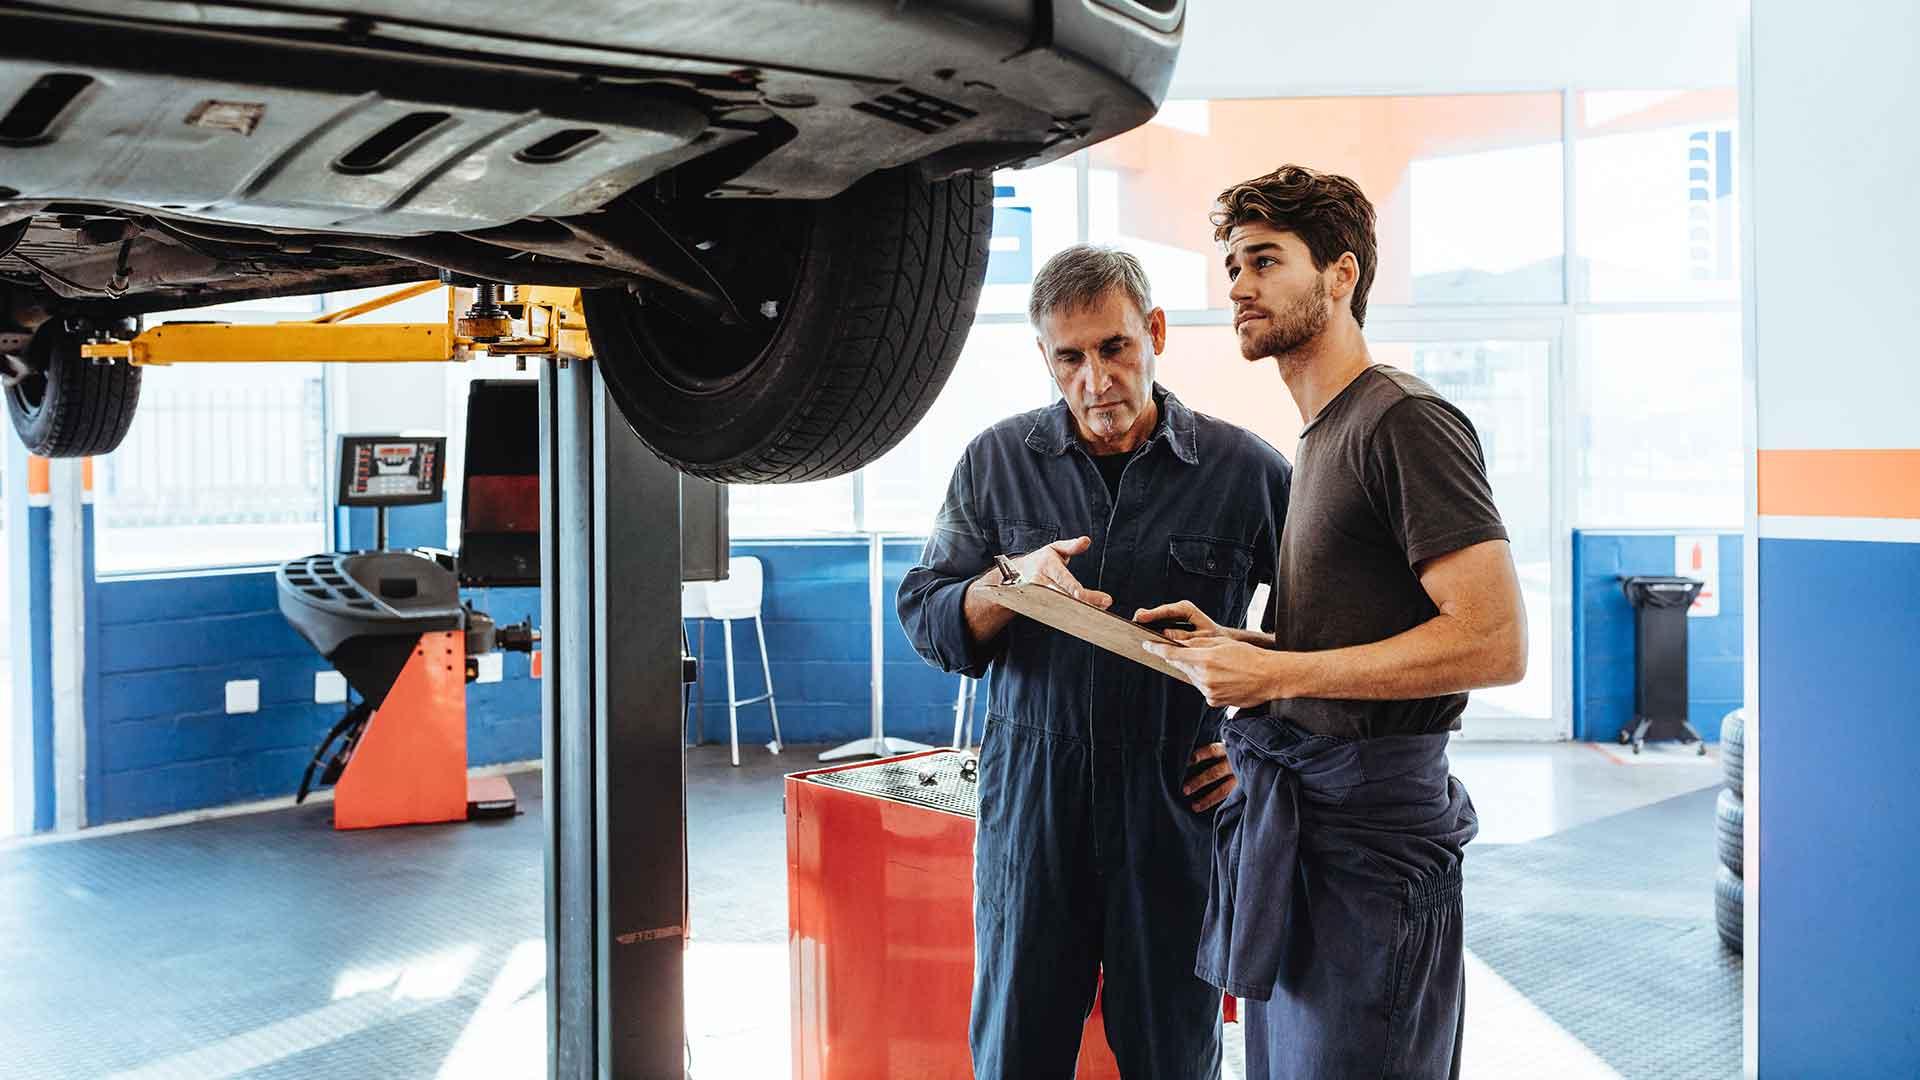 Fahrzeugkontrolle und Fahrzeugprüfung in einer Werkstatt